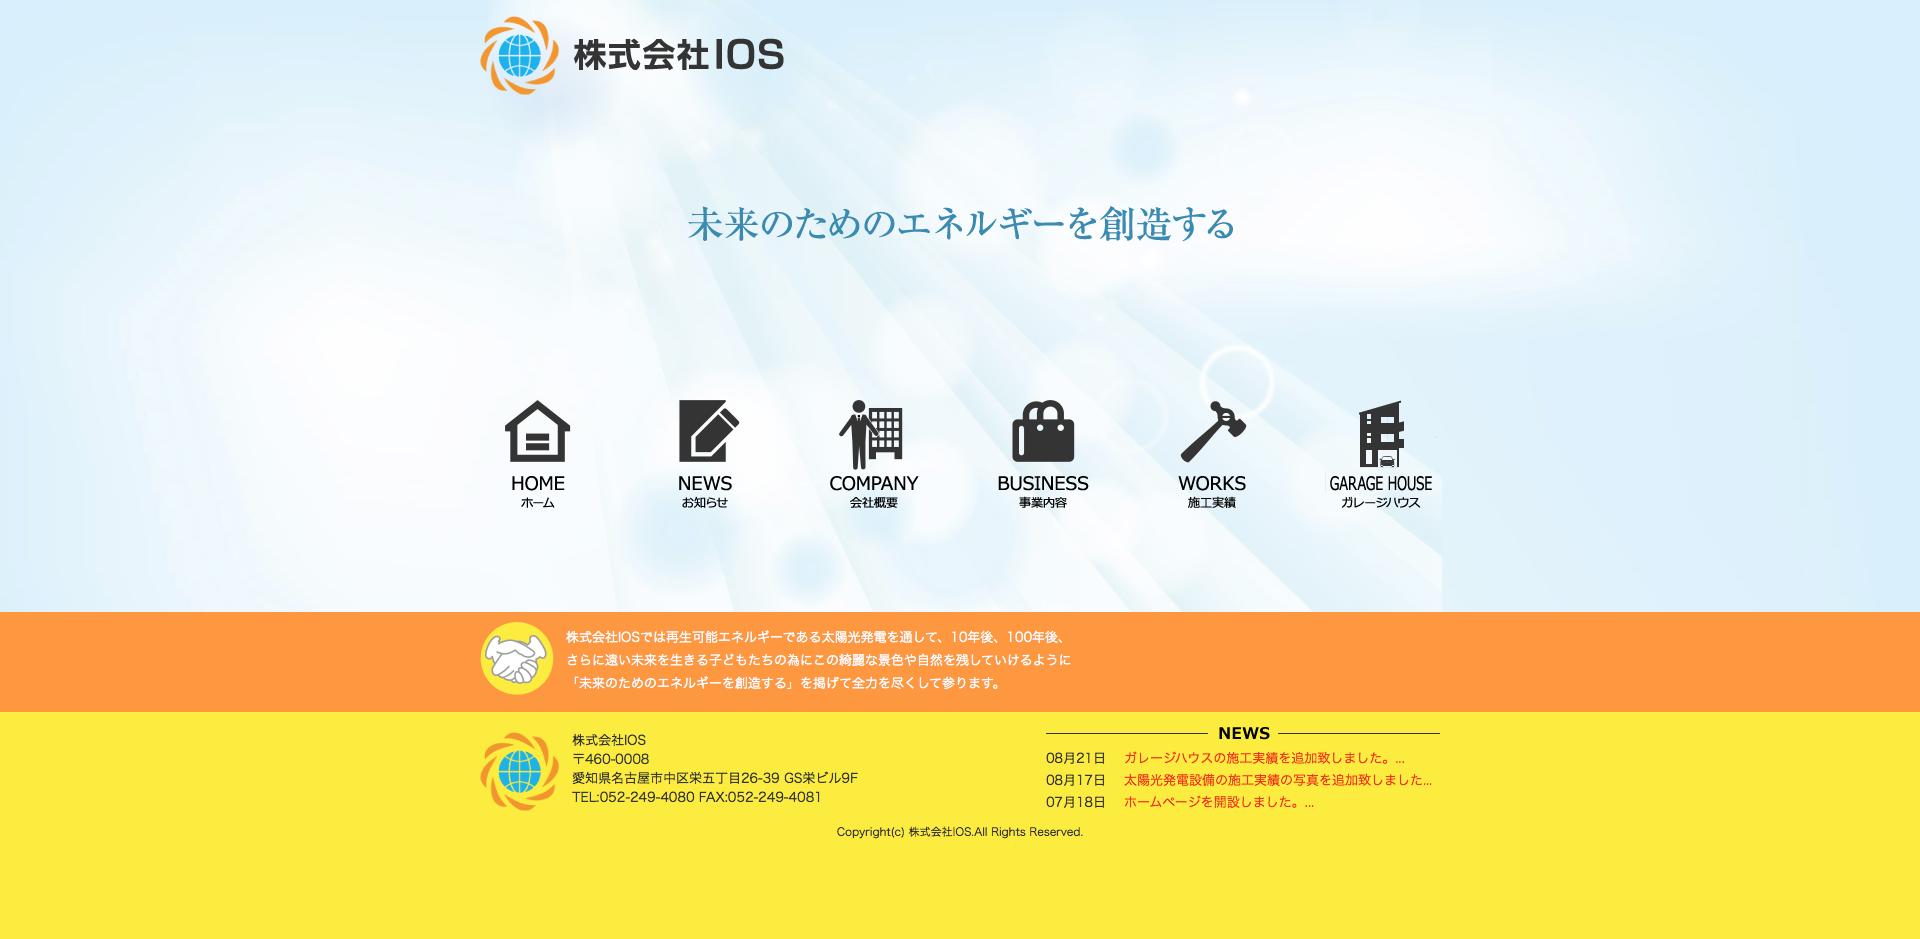 愛知県名古屋市 大陽光発電システムの株式会社IOS様